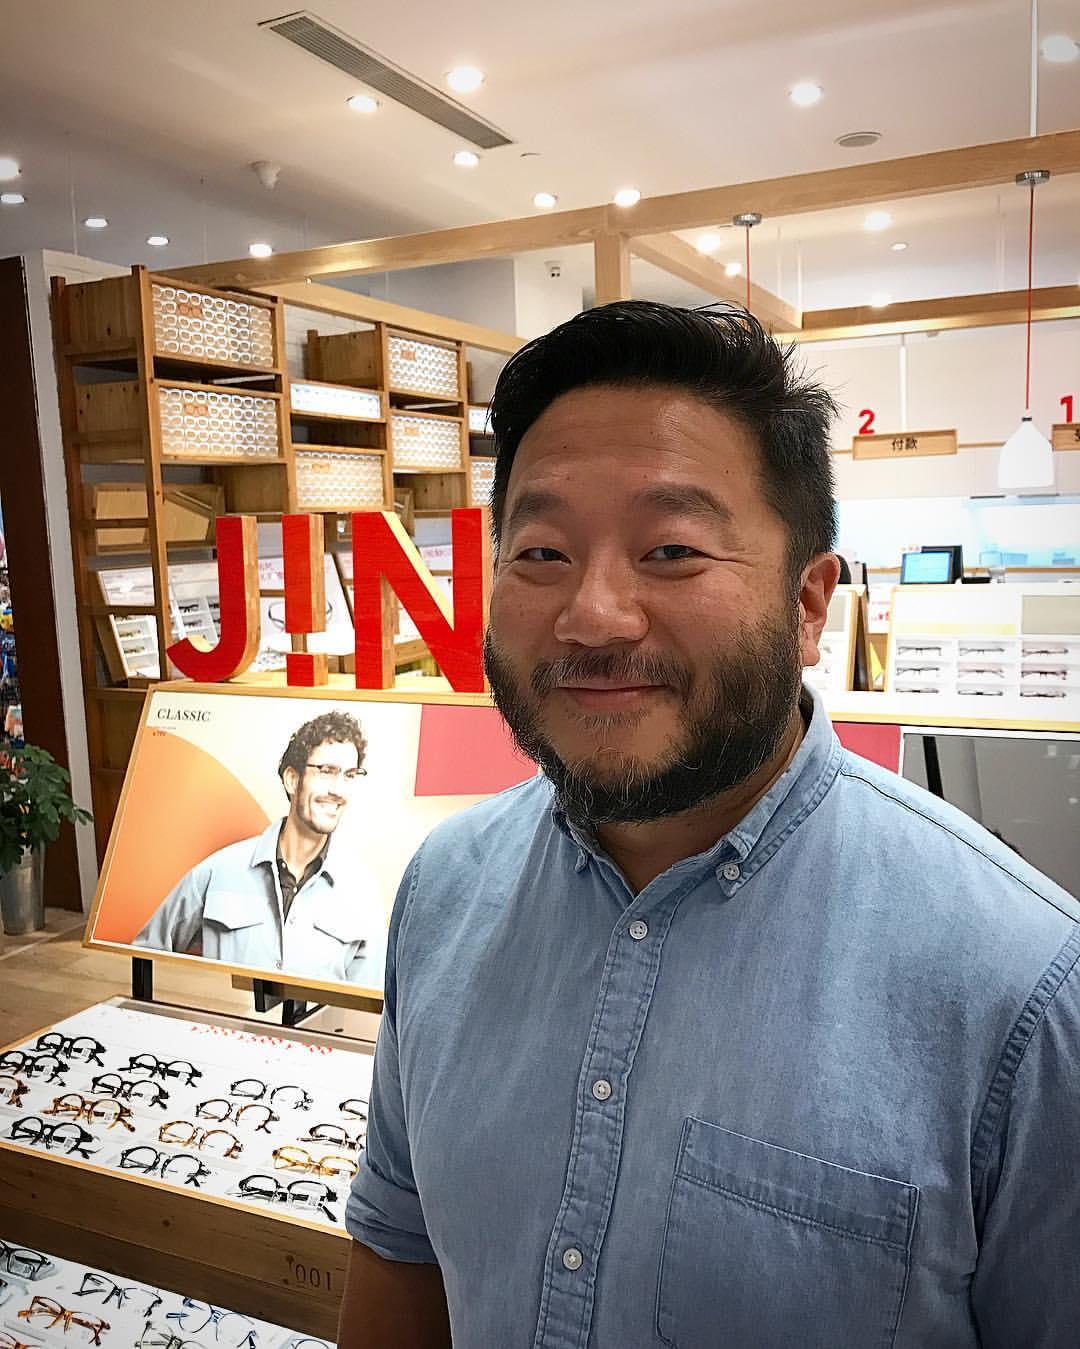 Steve Jin - Audio Engineer